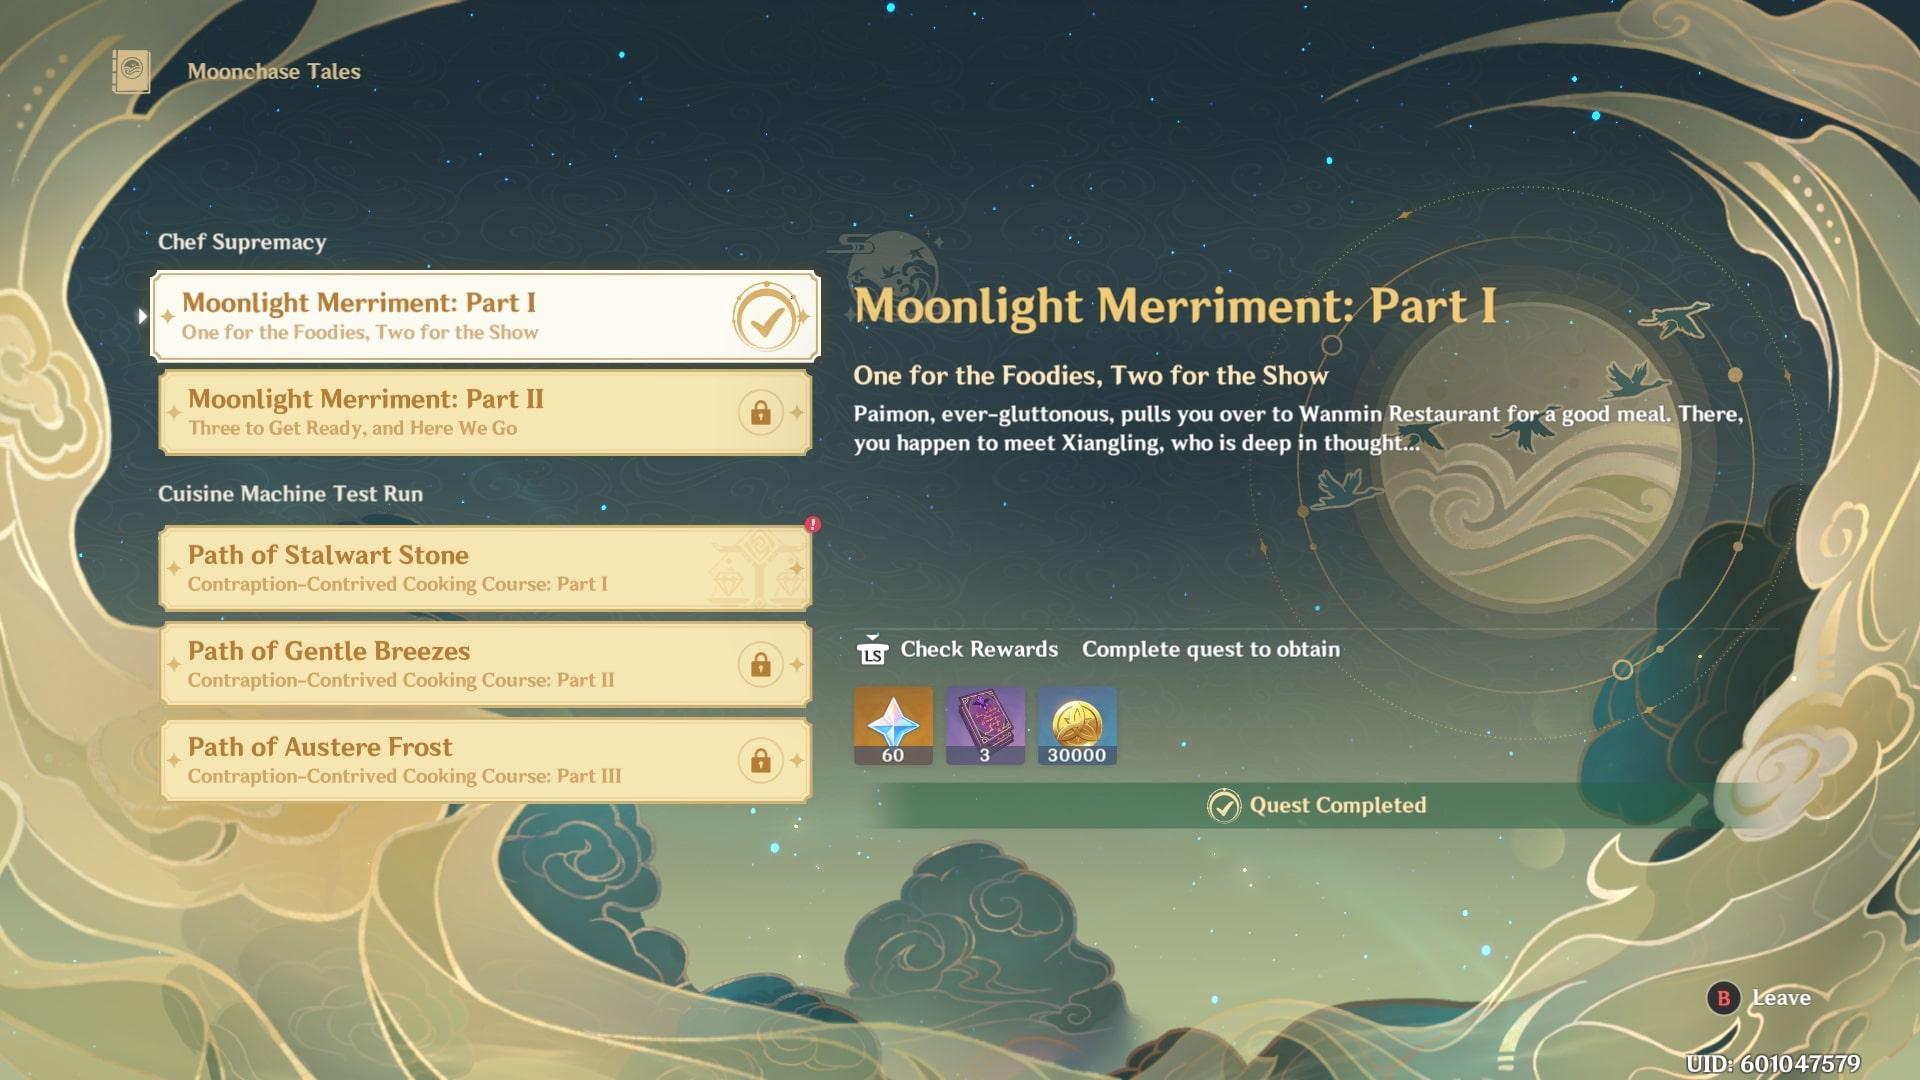 Genshin Impact Moonlight Merriment Quests festive fever